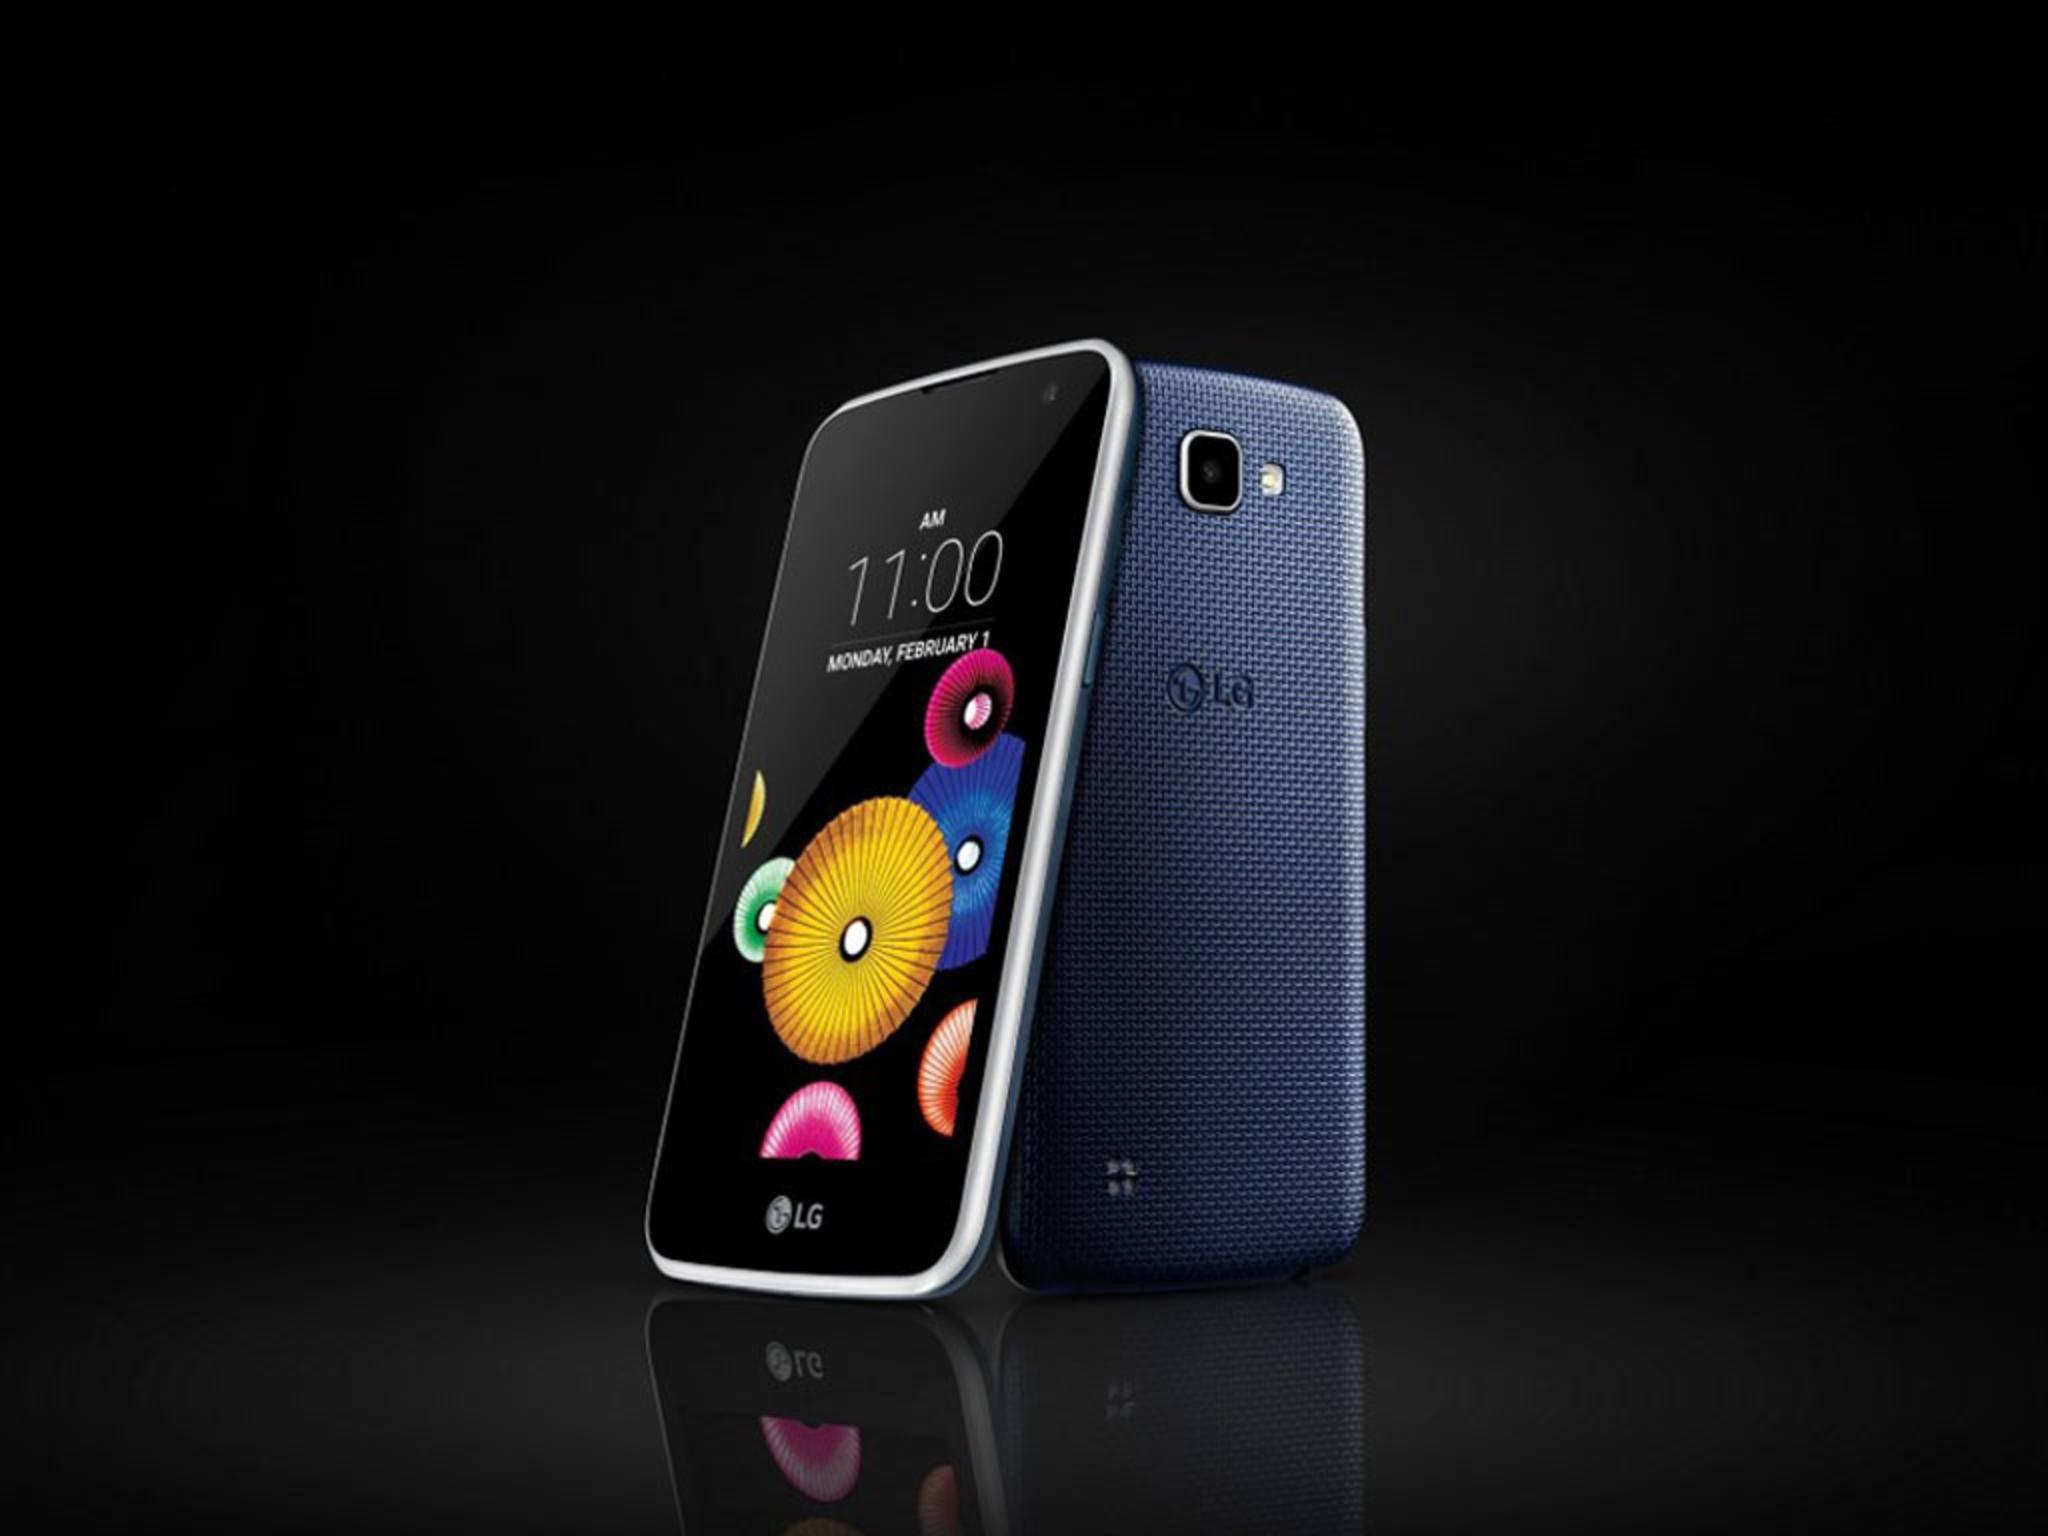 Das LG K4 ist ein erschwingliches Smartphone auch und gerade für Einsteiger.